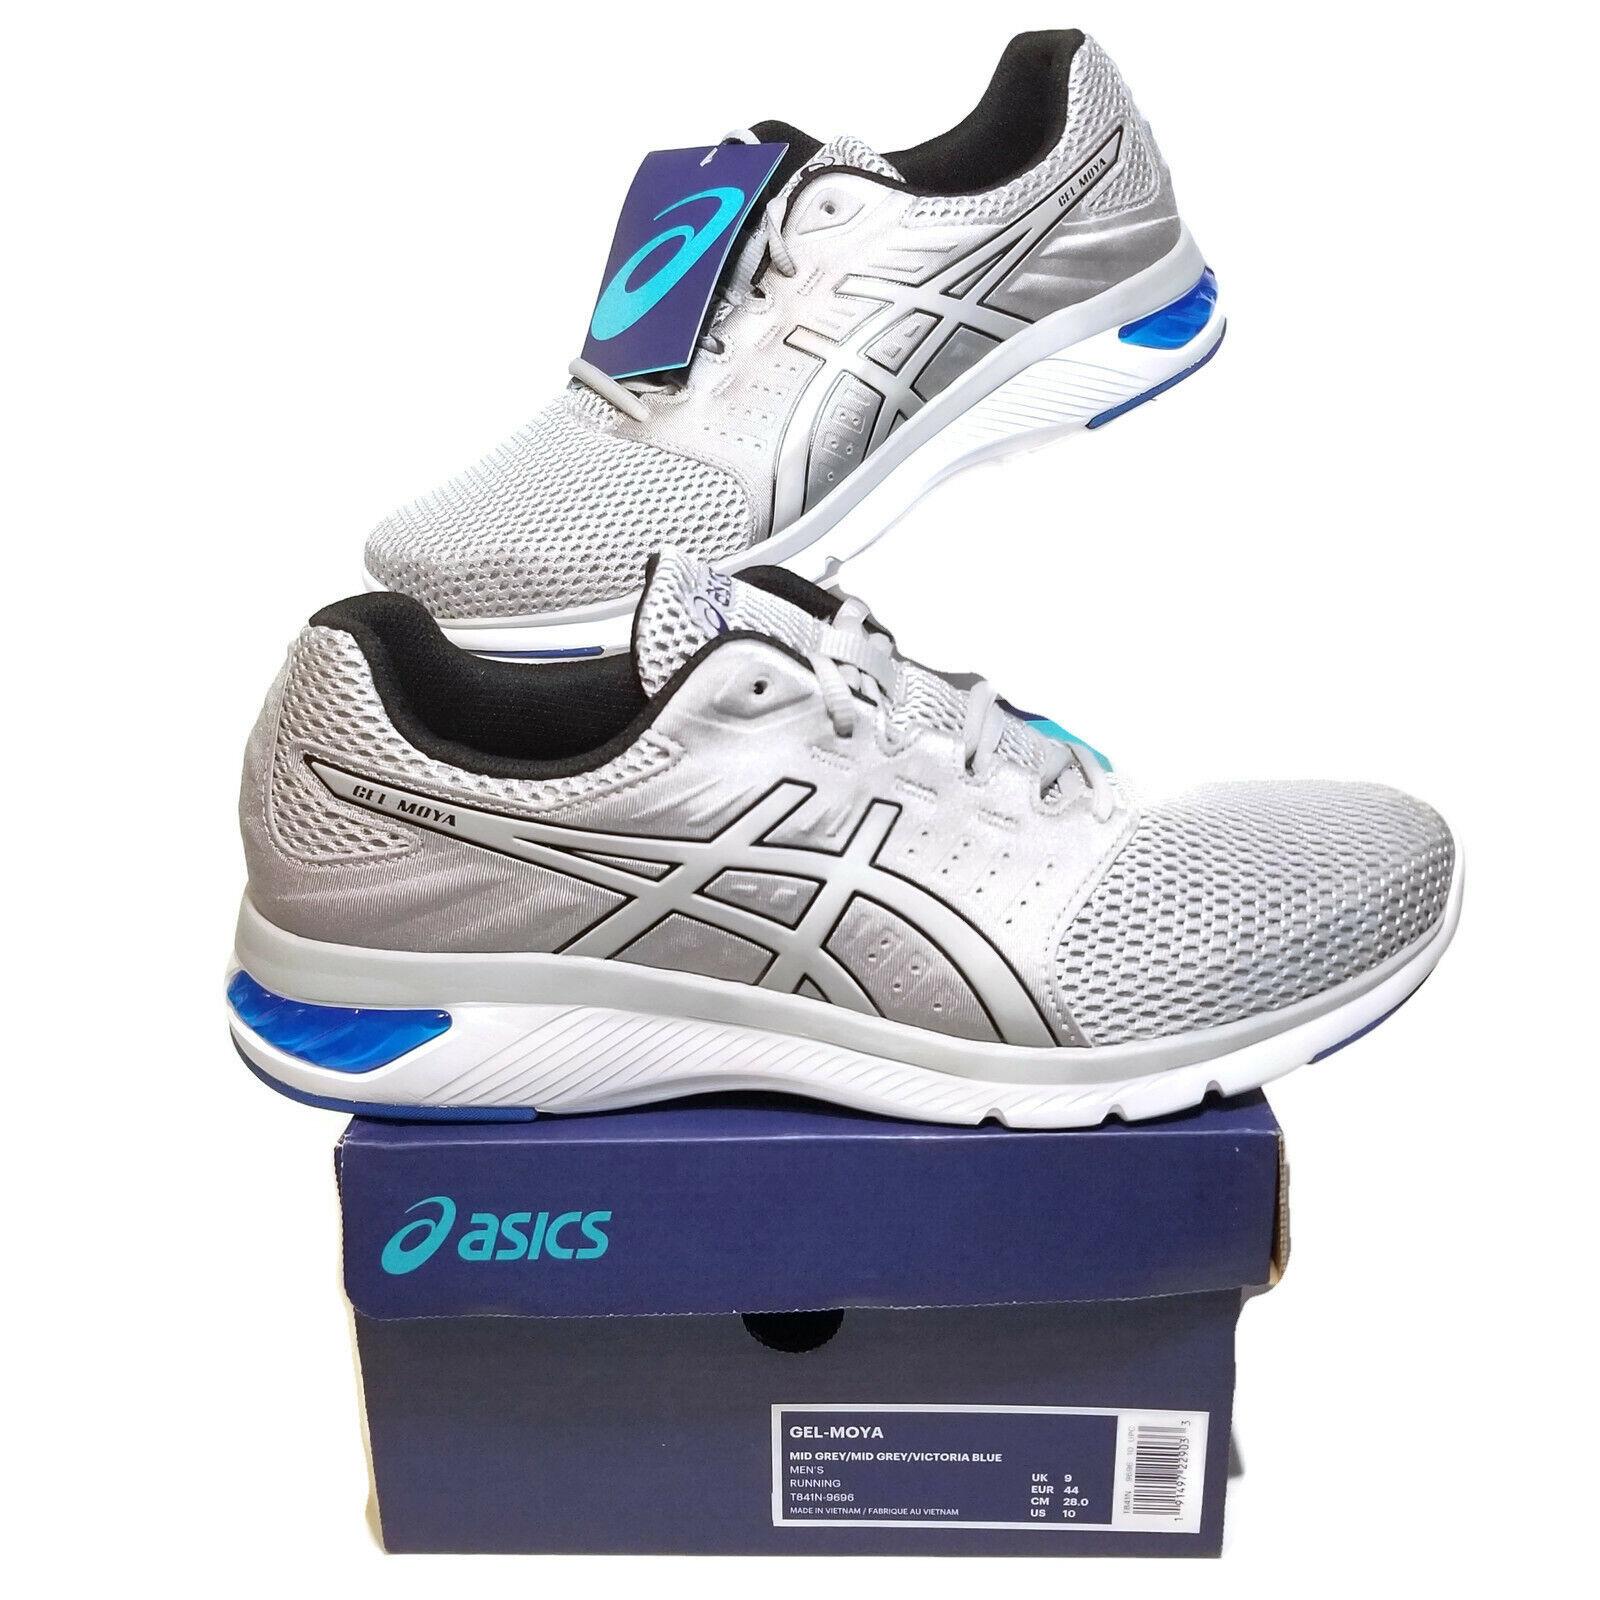 00413a182f9c Asics Gel Men 9 Running shoes Grey blueee T841N-9696 Sneaker Yoga Moya  Fitness nyytnj2321-Men